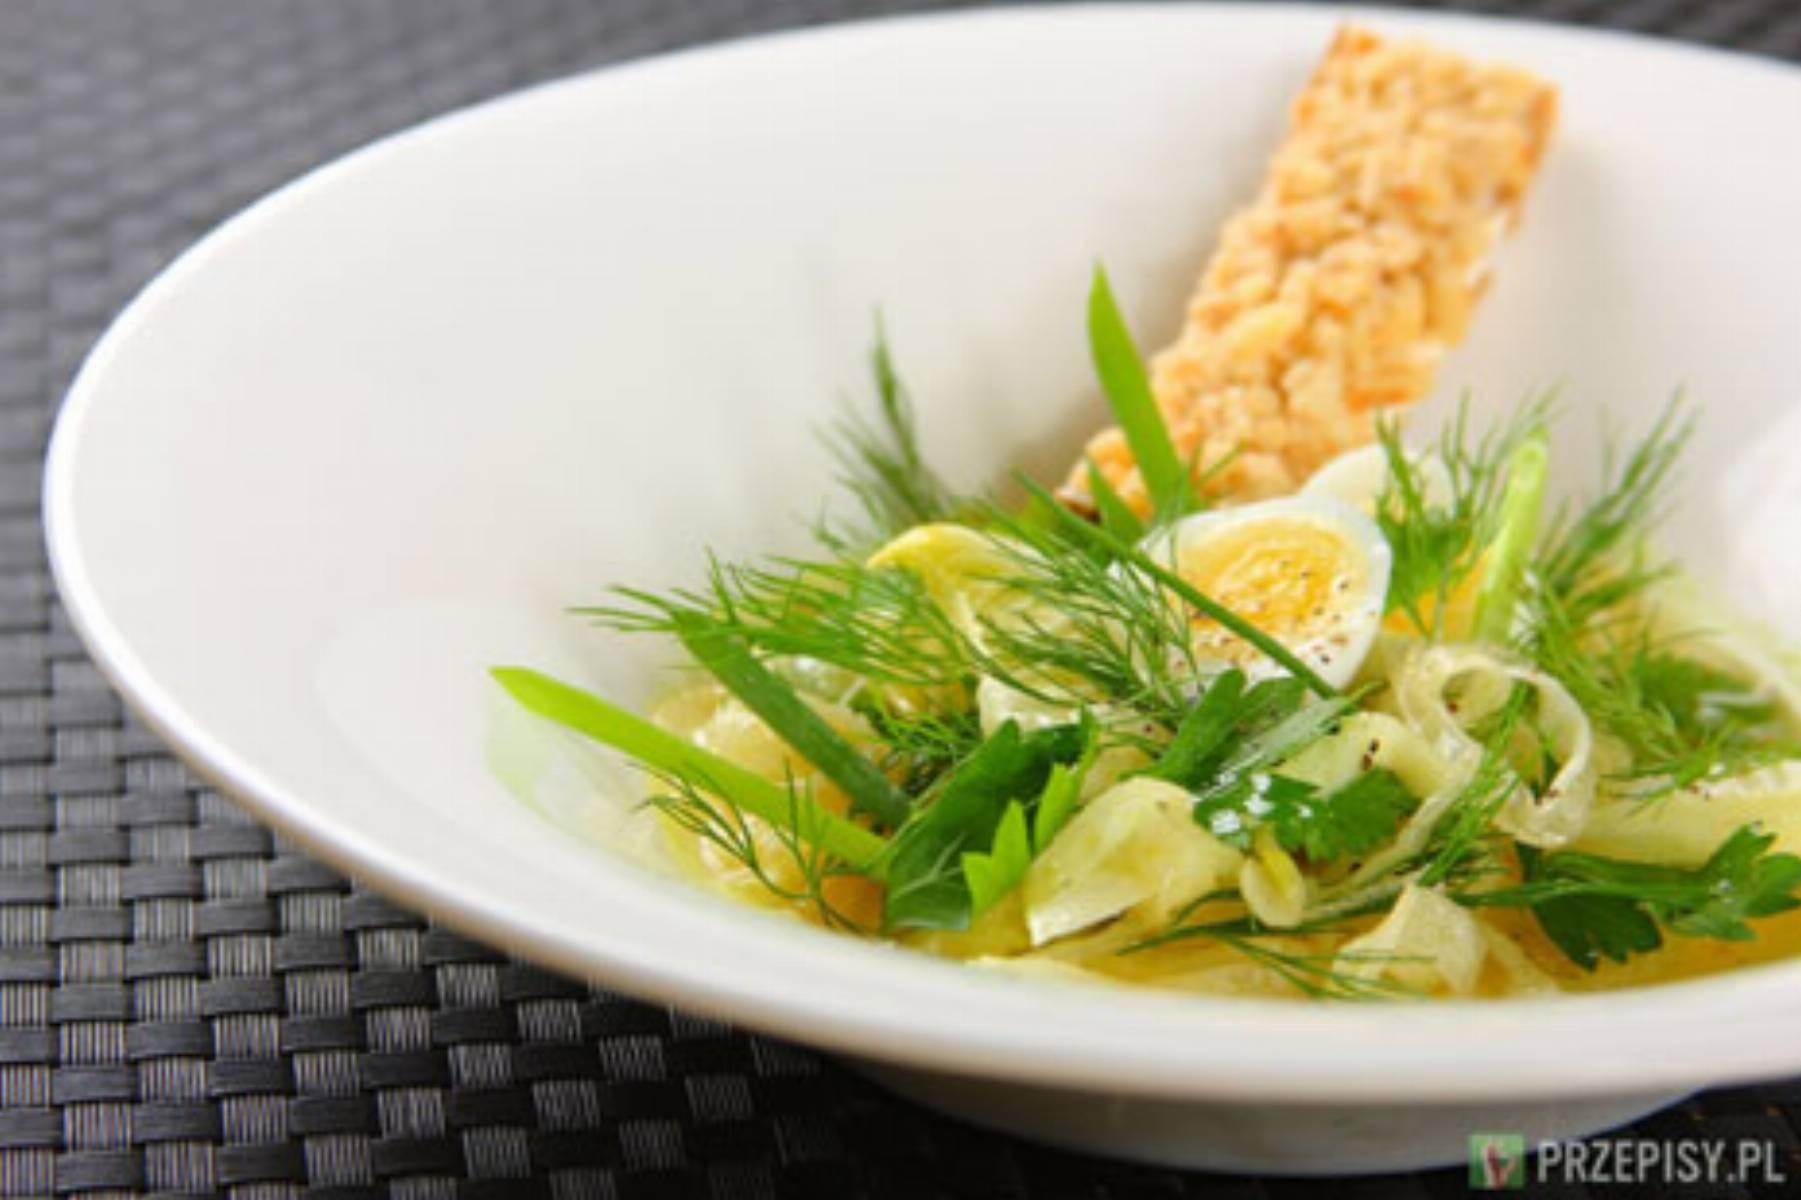 Salatka z mlodych ziol z fenelem i oliwa